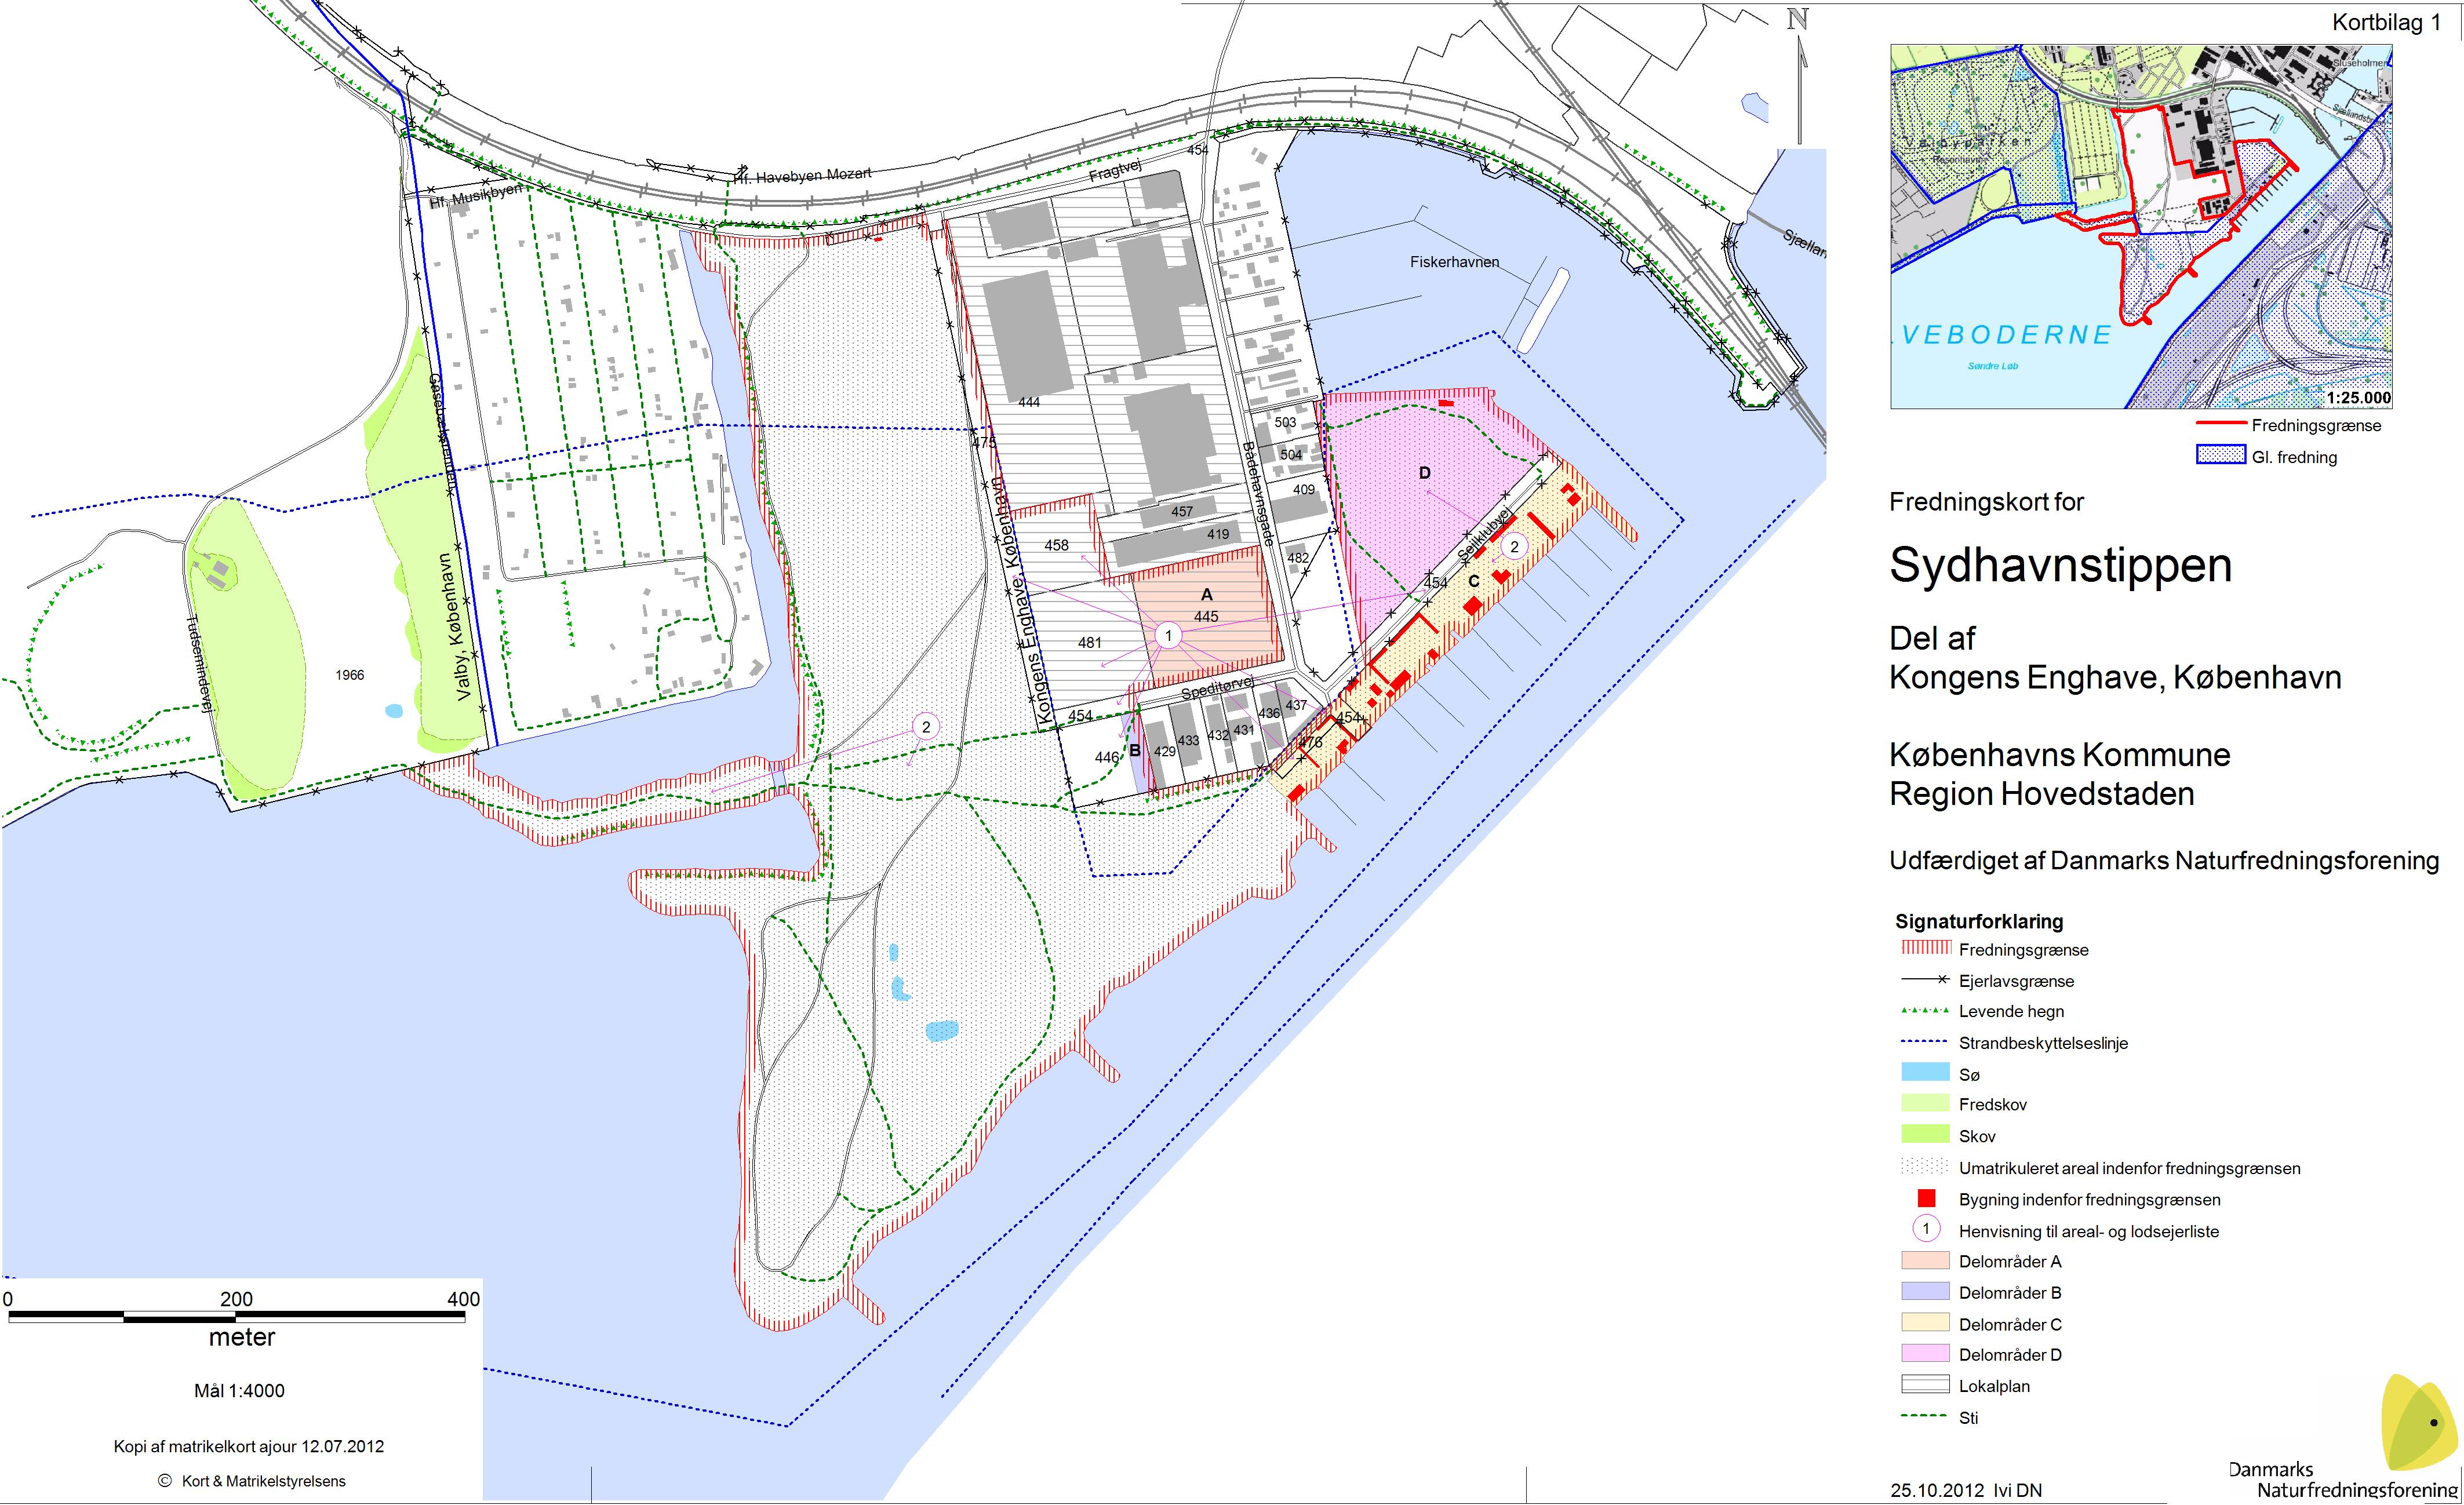 Fredningskort over Sydhavnstippen udarbejdet af Danmarks Naturfredningsforening 2012